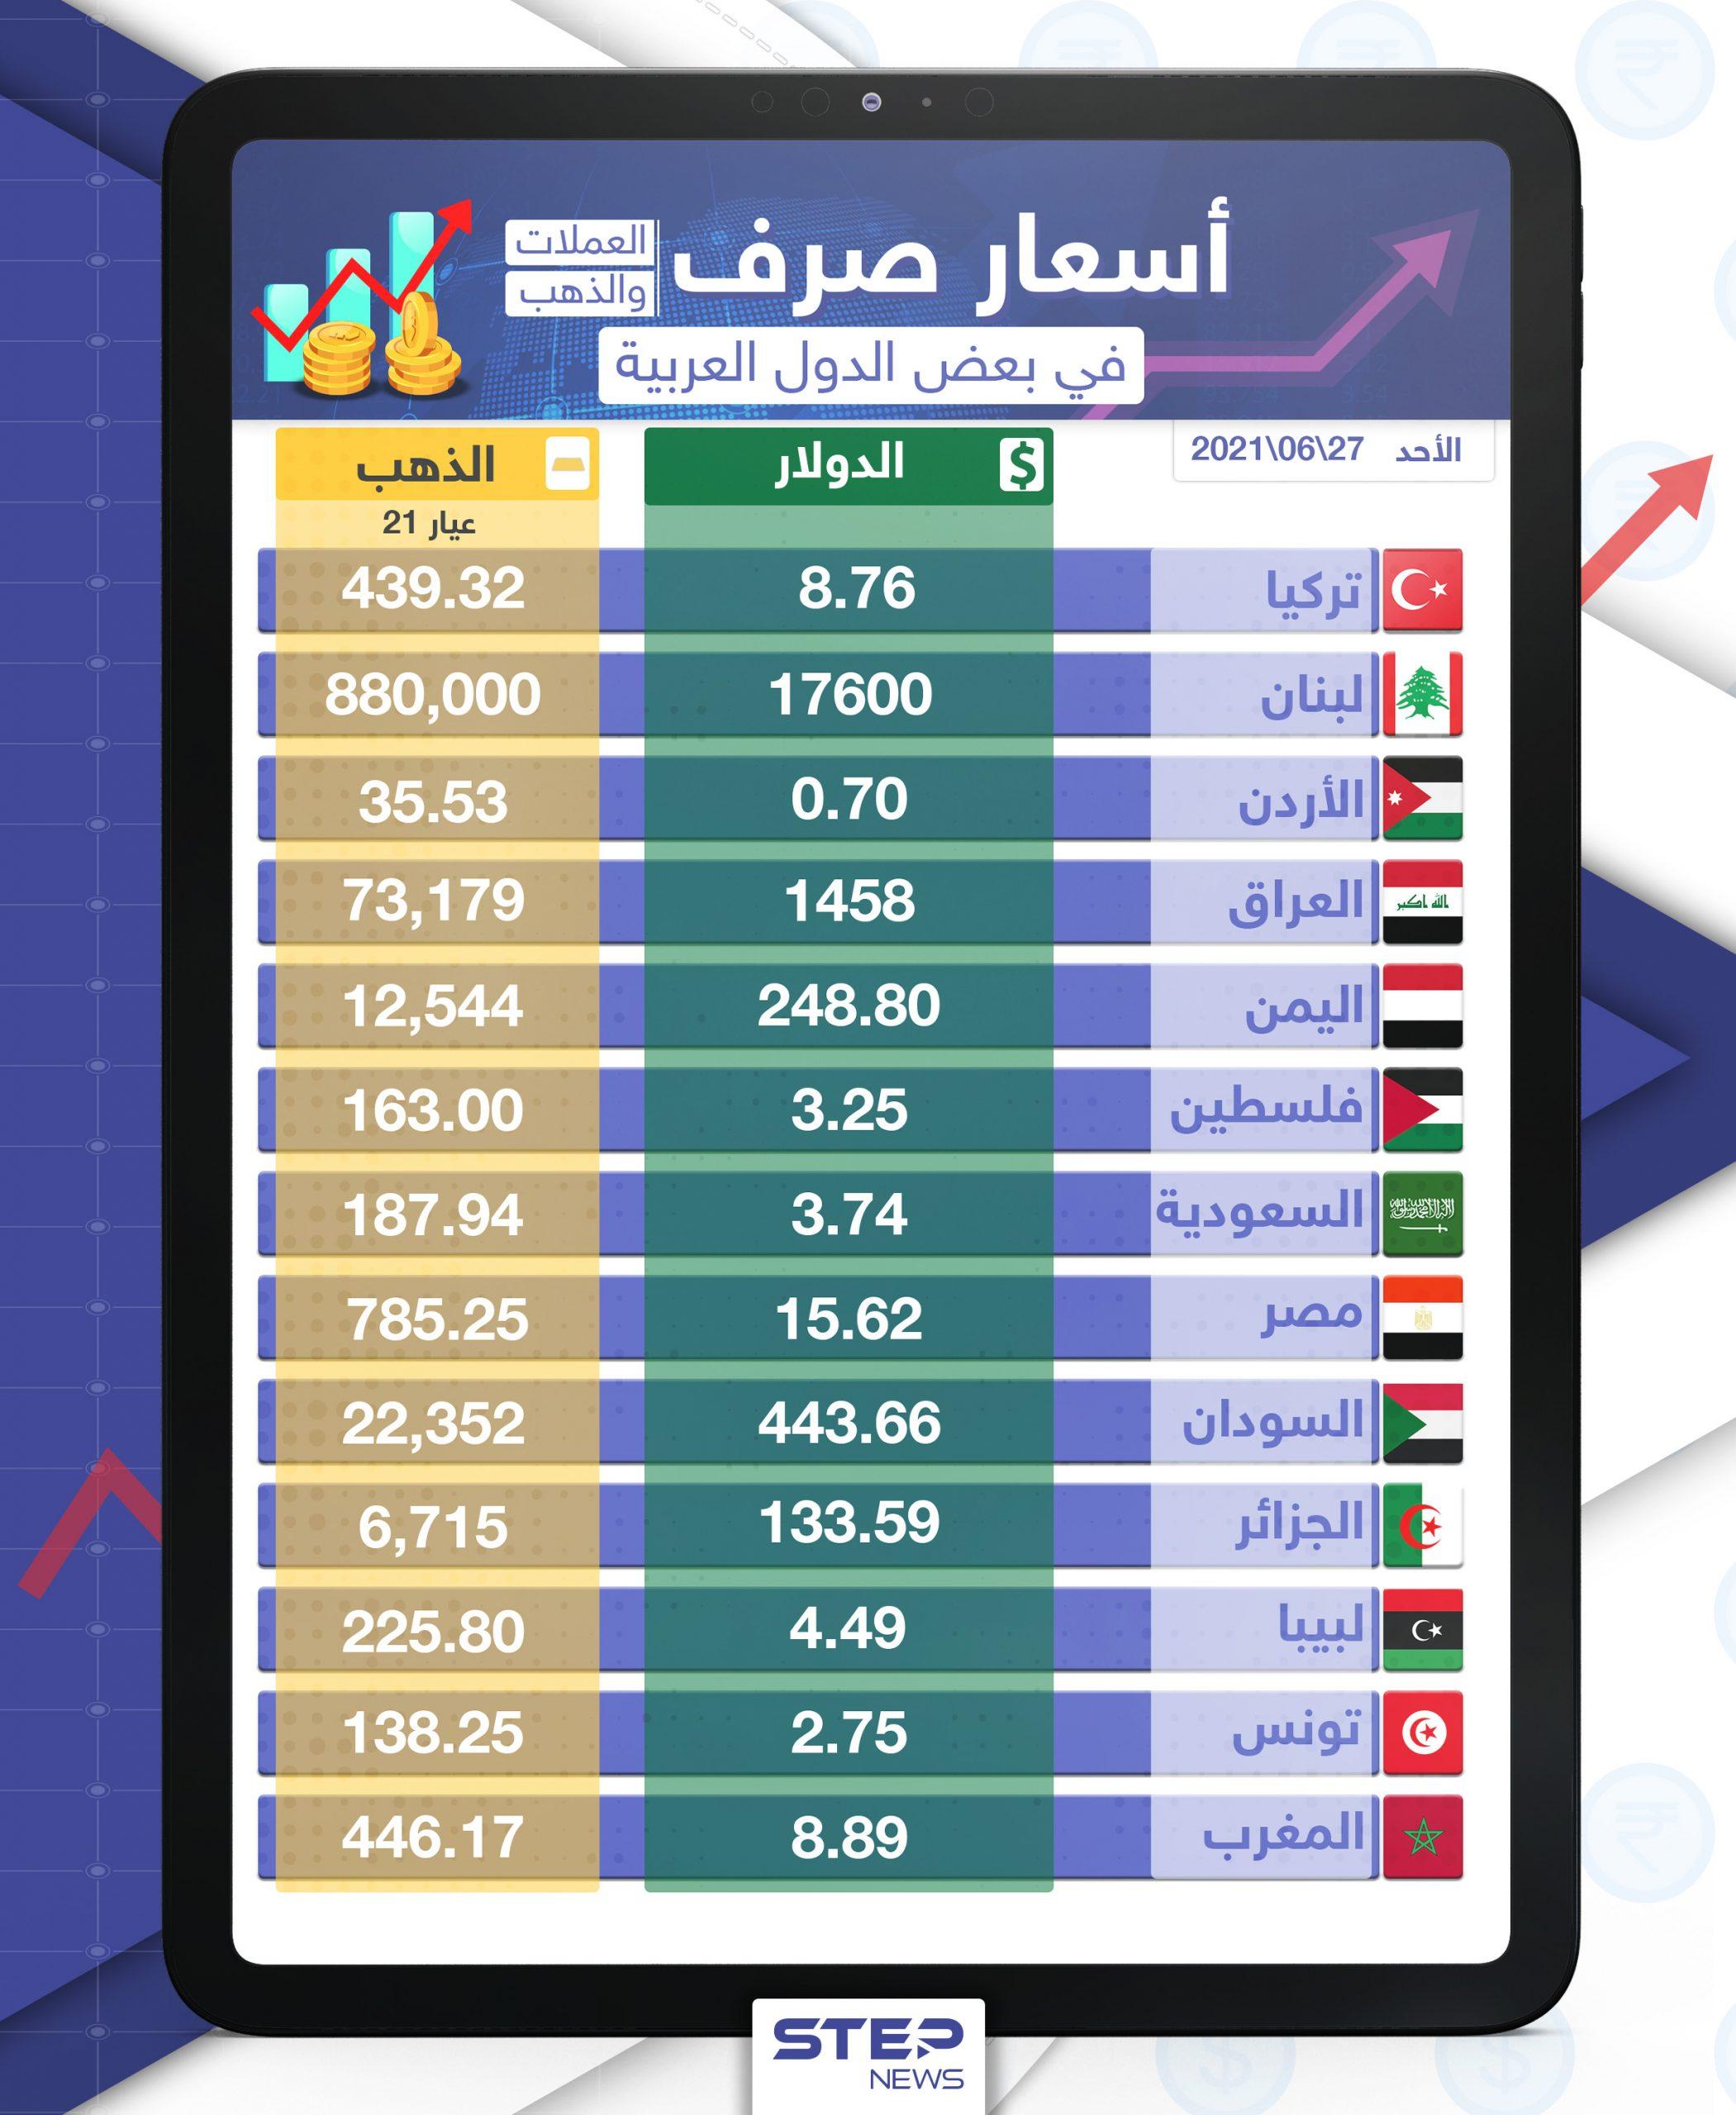 أسعار الذهب والعملات للدول العربية وتركيا اليوم الأحد الموافق 27 حزيران 2021